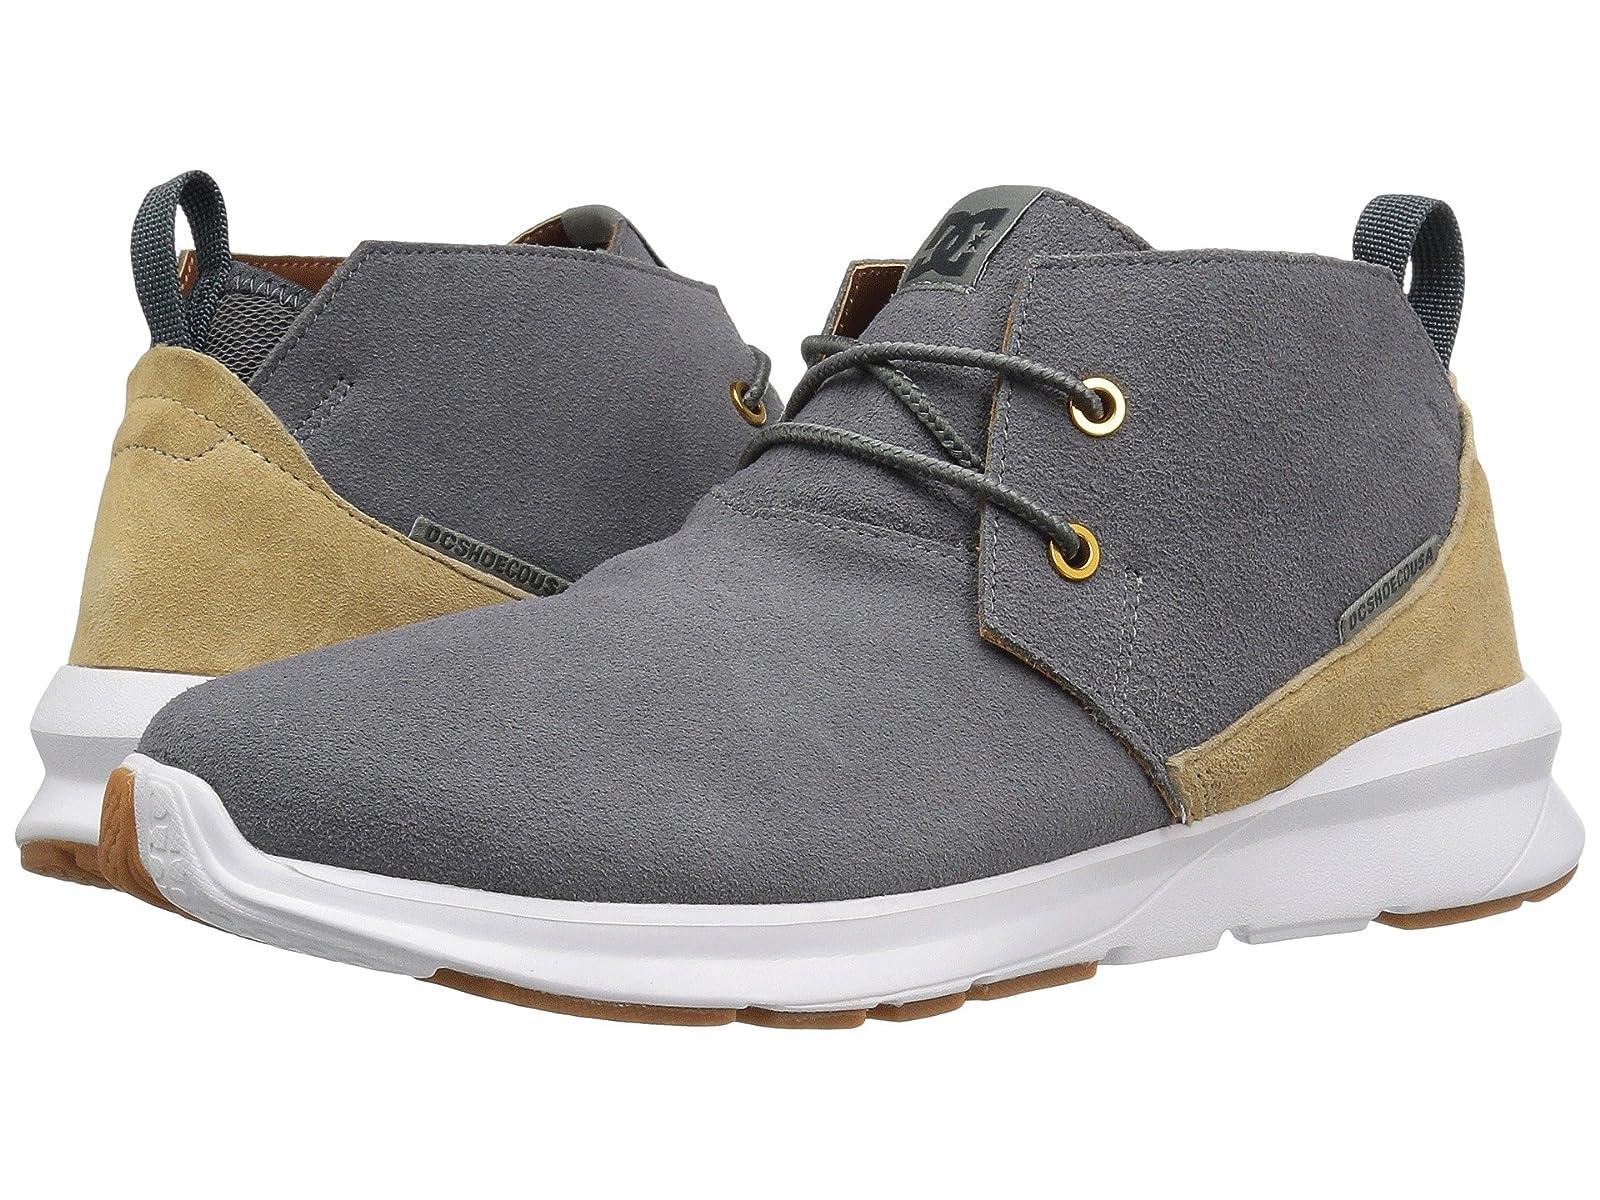 DC AshlarAtmospheric grades have affordable shoes